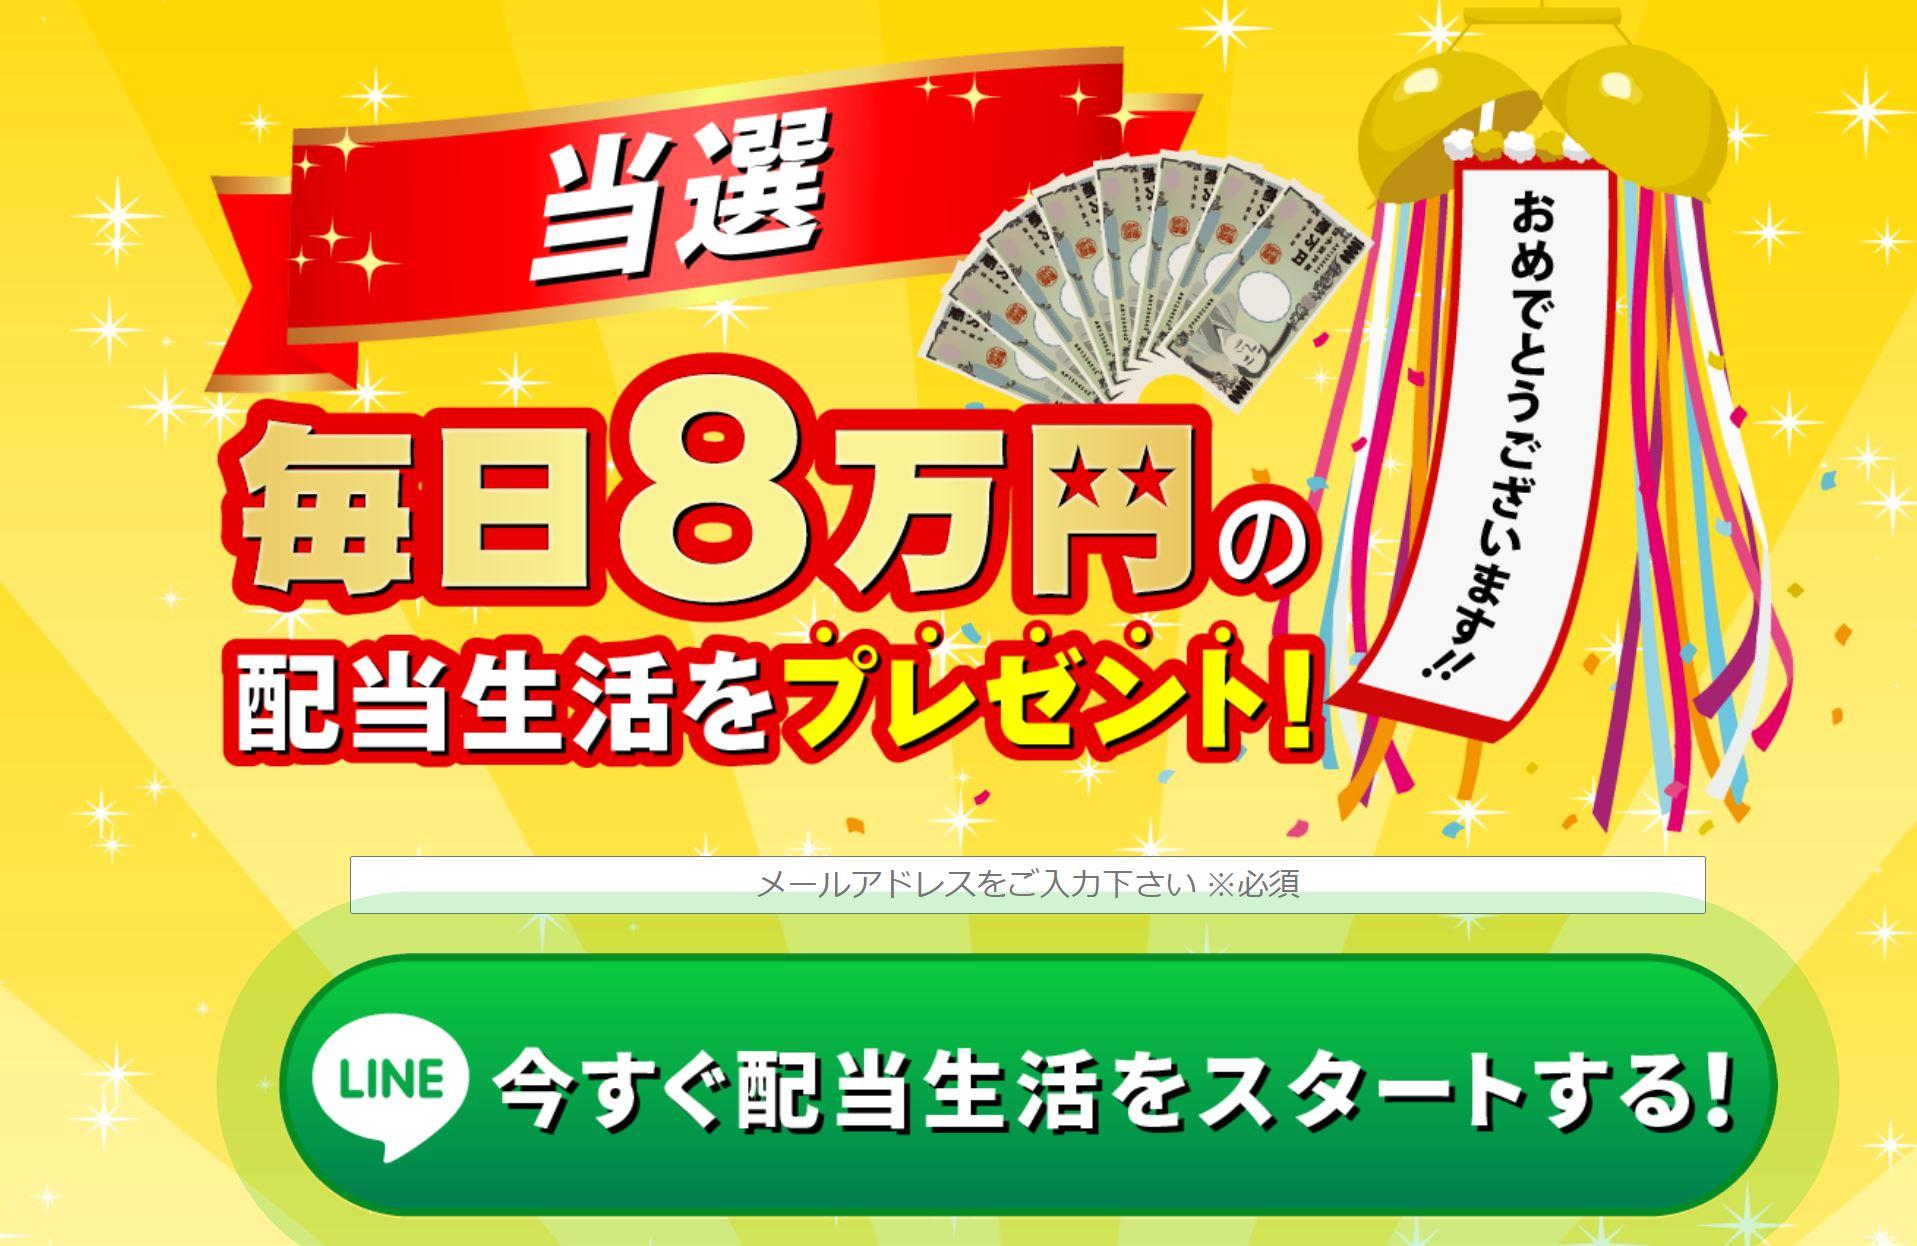 大谷健×加藤浩次(KOJI)のハチプラは詐欺?参加費のみ無料。副業調査